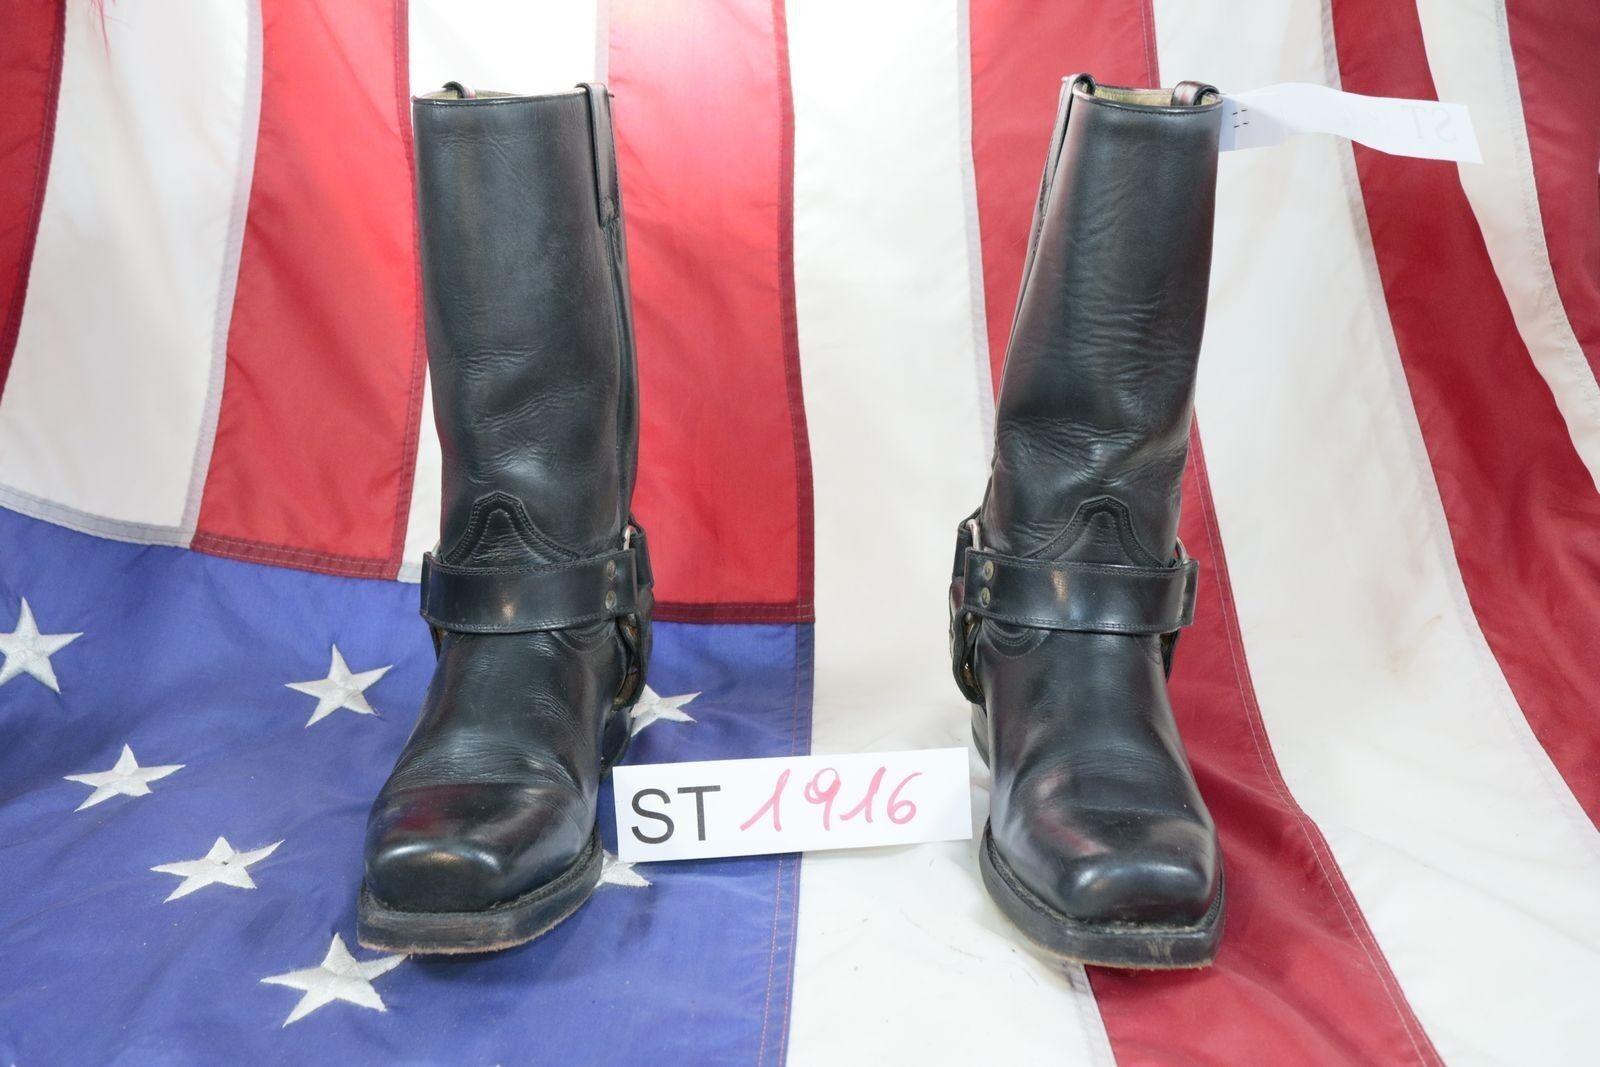 Stiefel Buffalo ( Cod. ST1916) Gebraucht N.40 Leder Männer Schwarze Cowboy